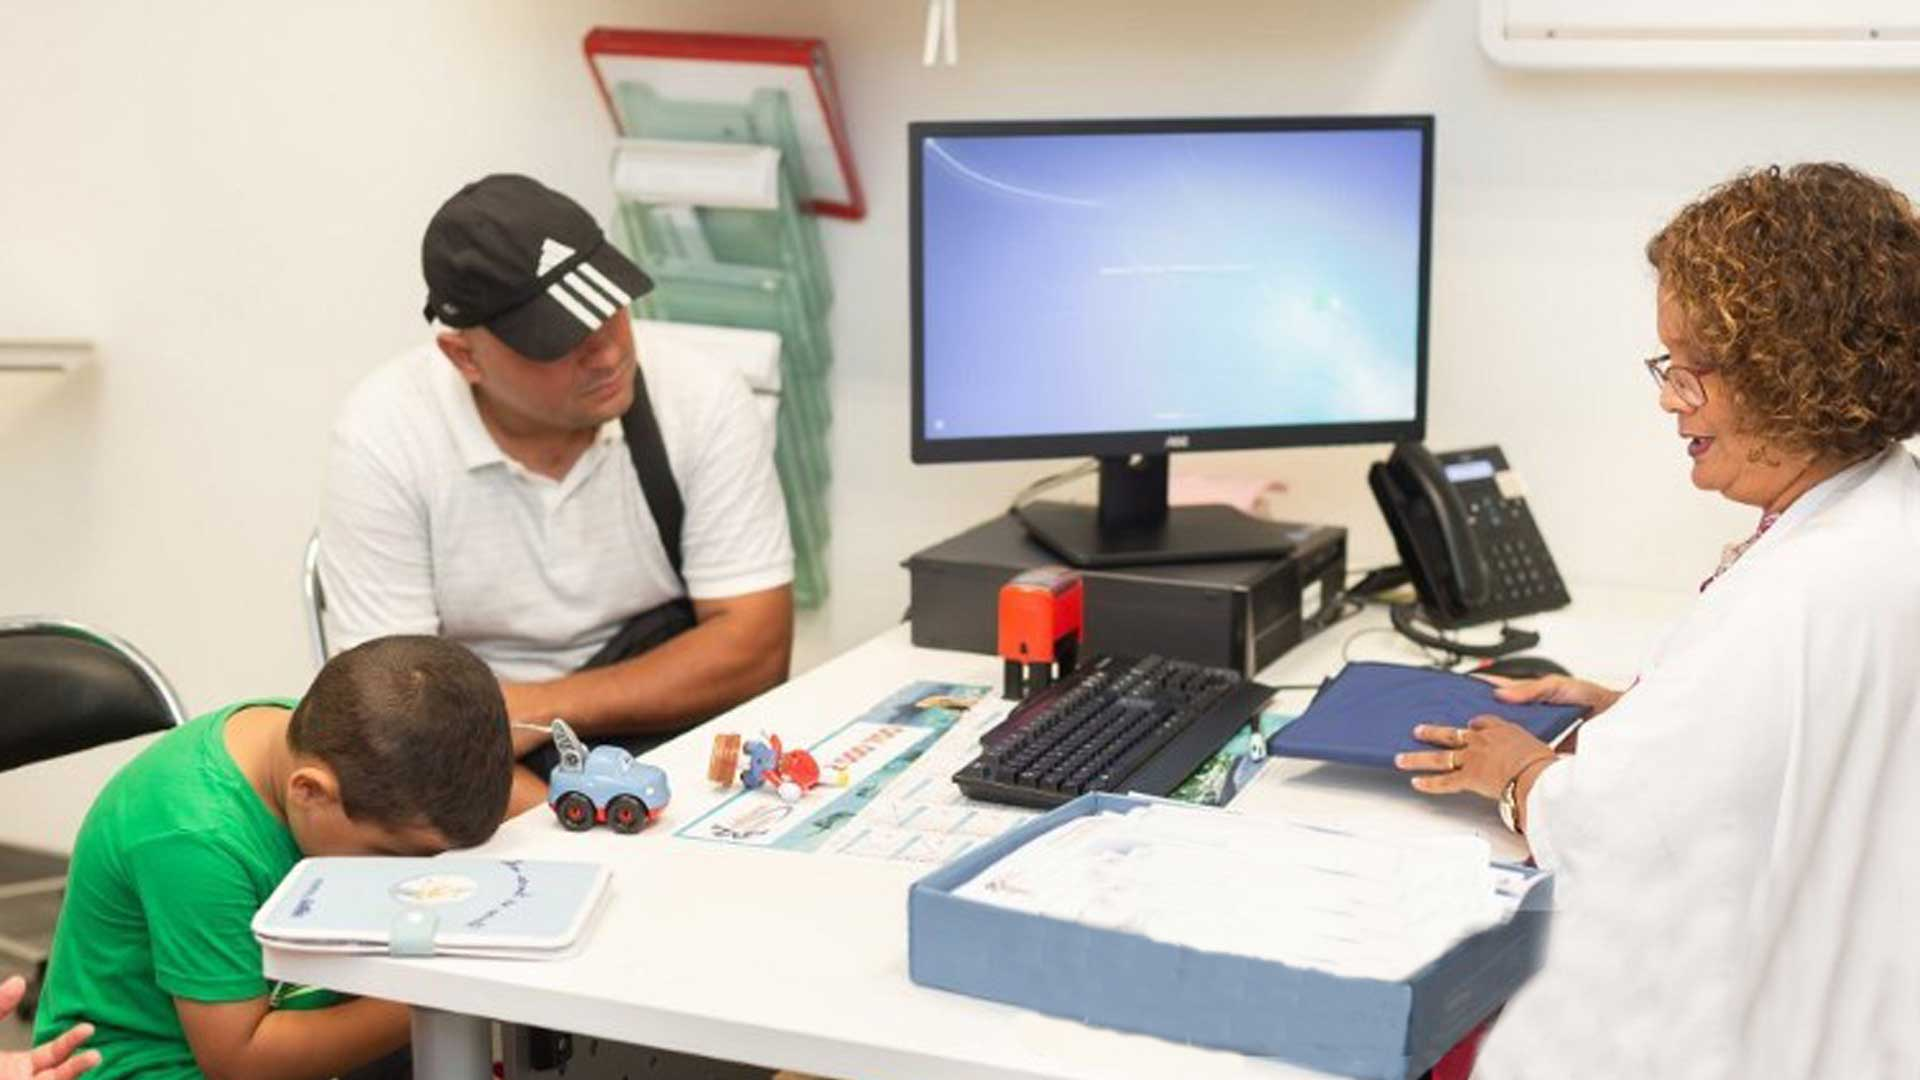 Existe una mayor cantidad de evaluaciones realizadas por pediatras y otros proveedores de cuidaos primarios , que hizo crecer la concientización sobre esta condición neurológica tanto en los profesionales como en los padres Foto: Archivo DEF.